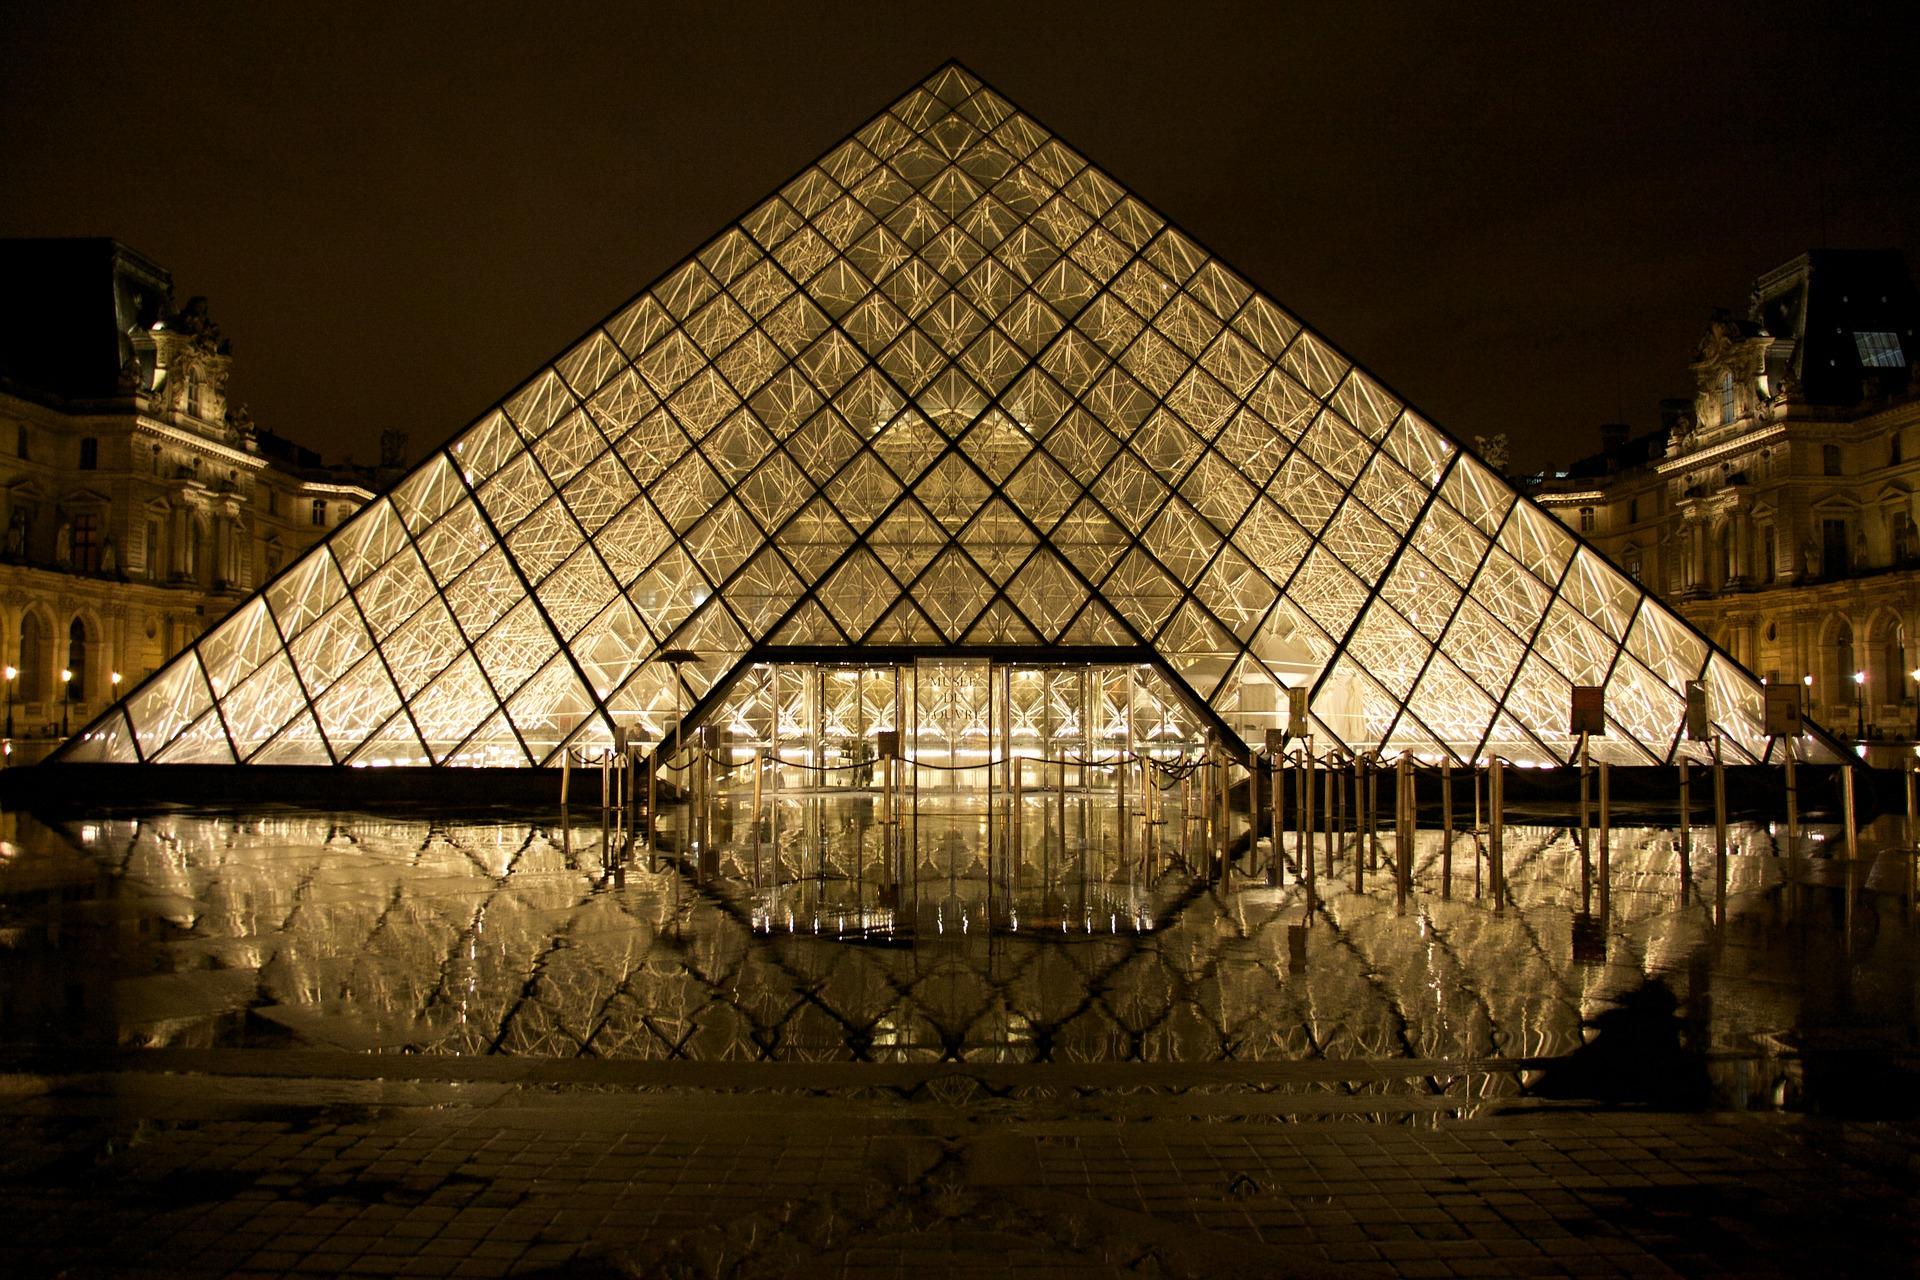 Musée, Musée du Louvre, Paris, France, Pyramid - Fonds d'écran HD - Professor-falken.com